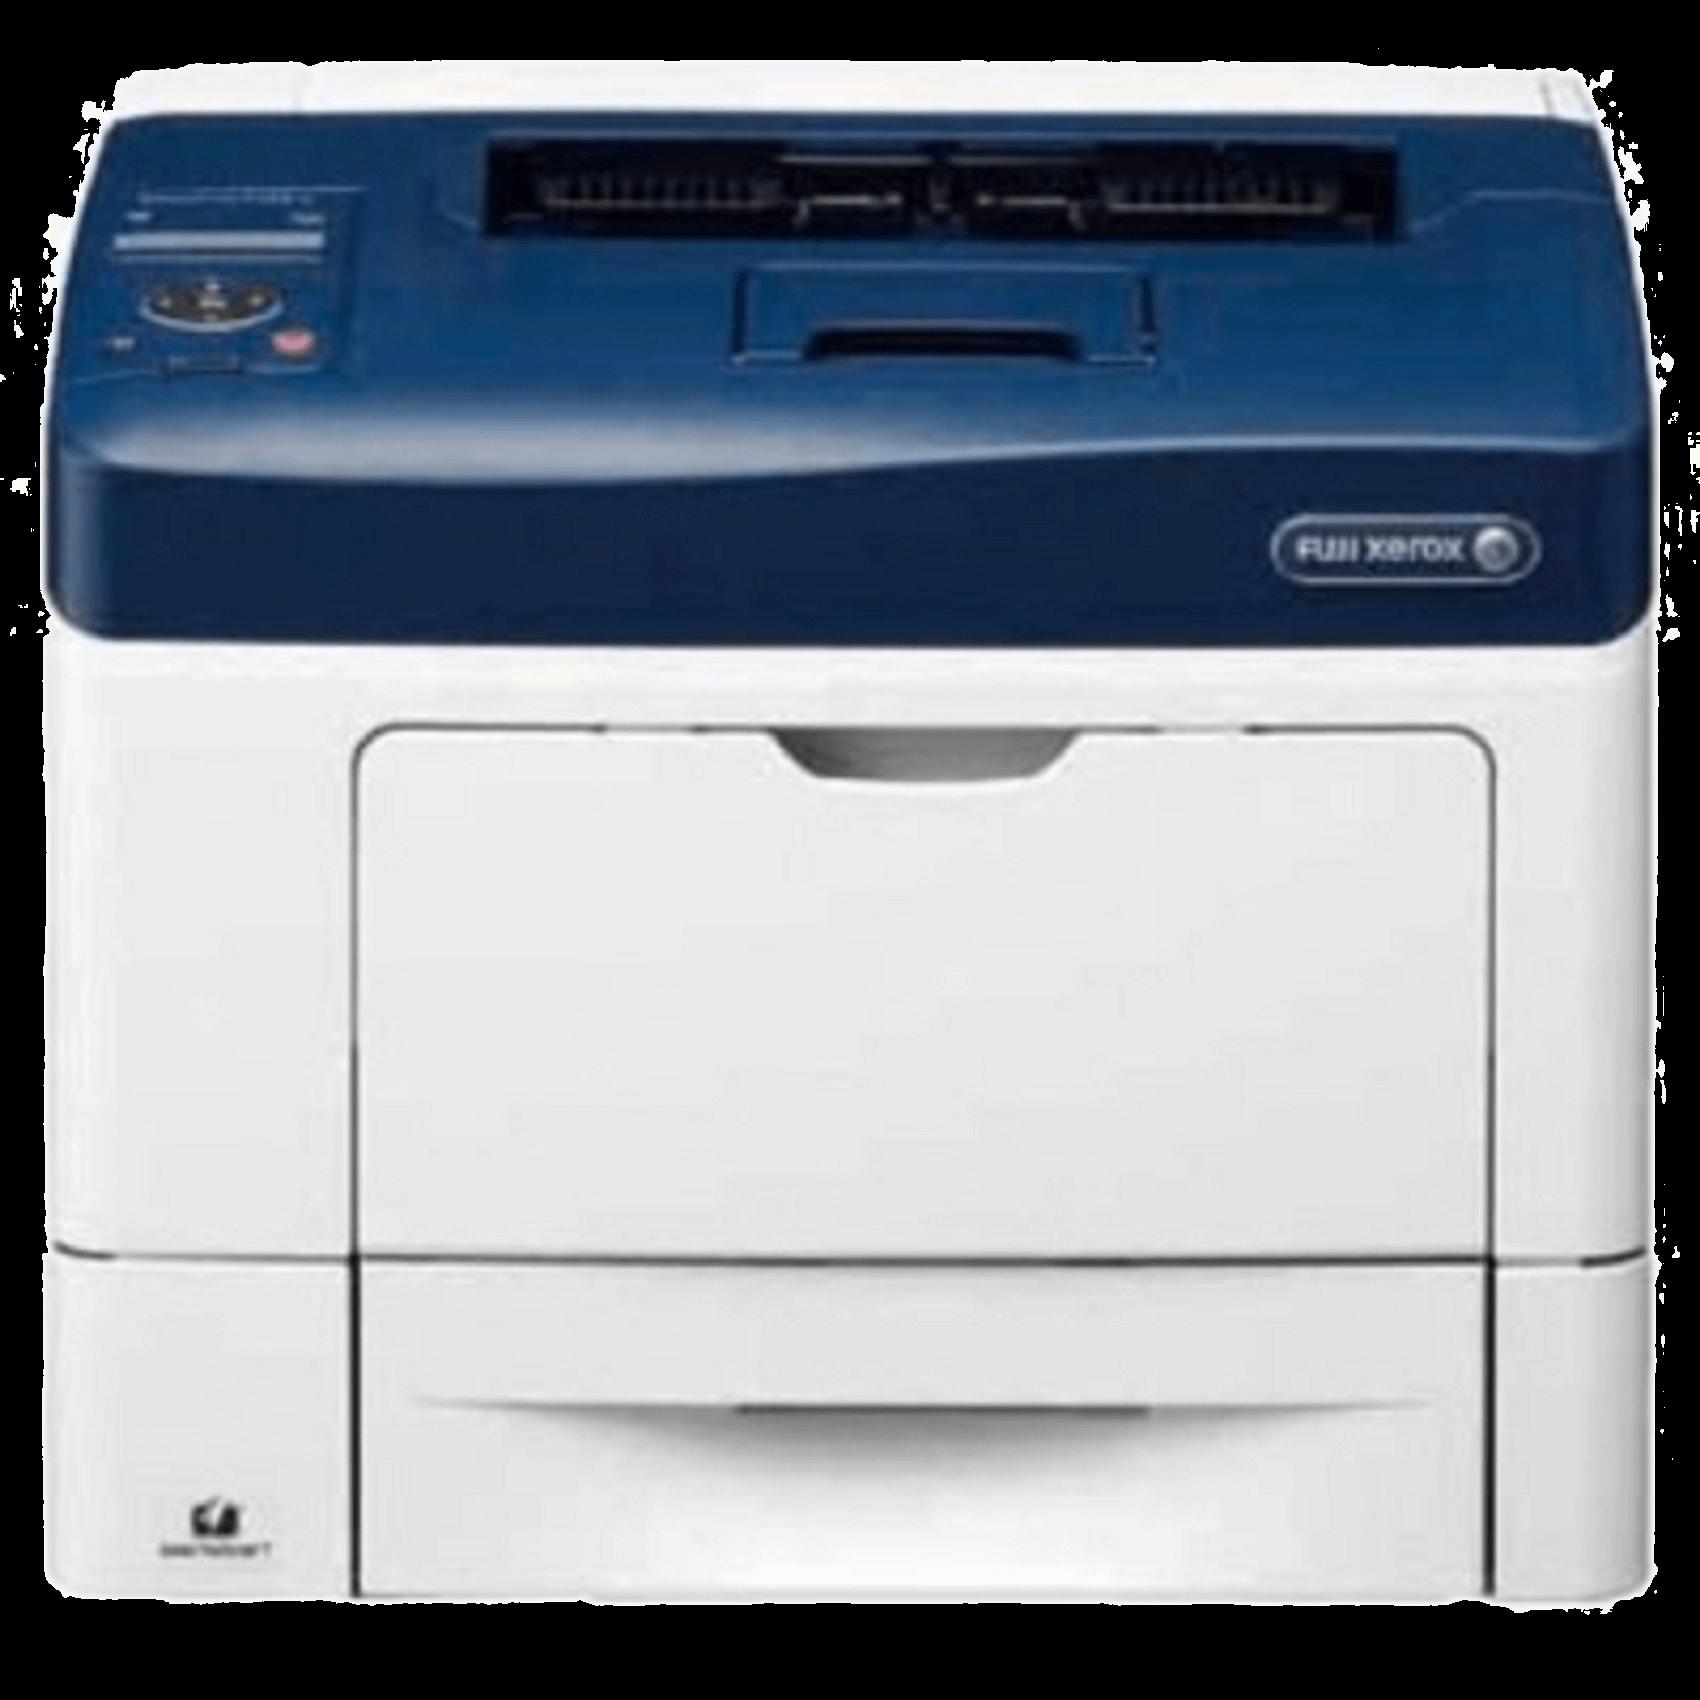 SG Fuji Xerox Printer